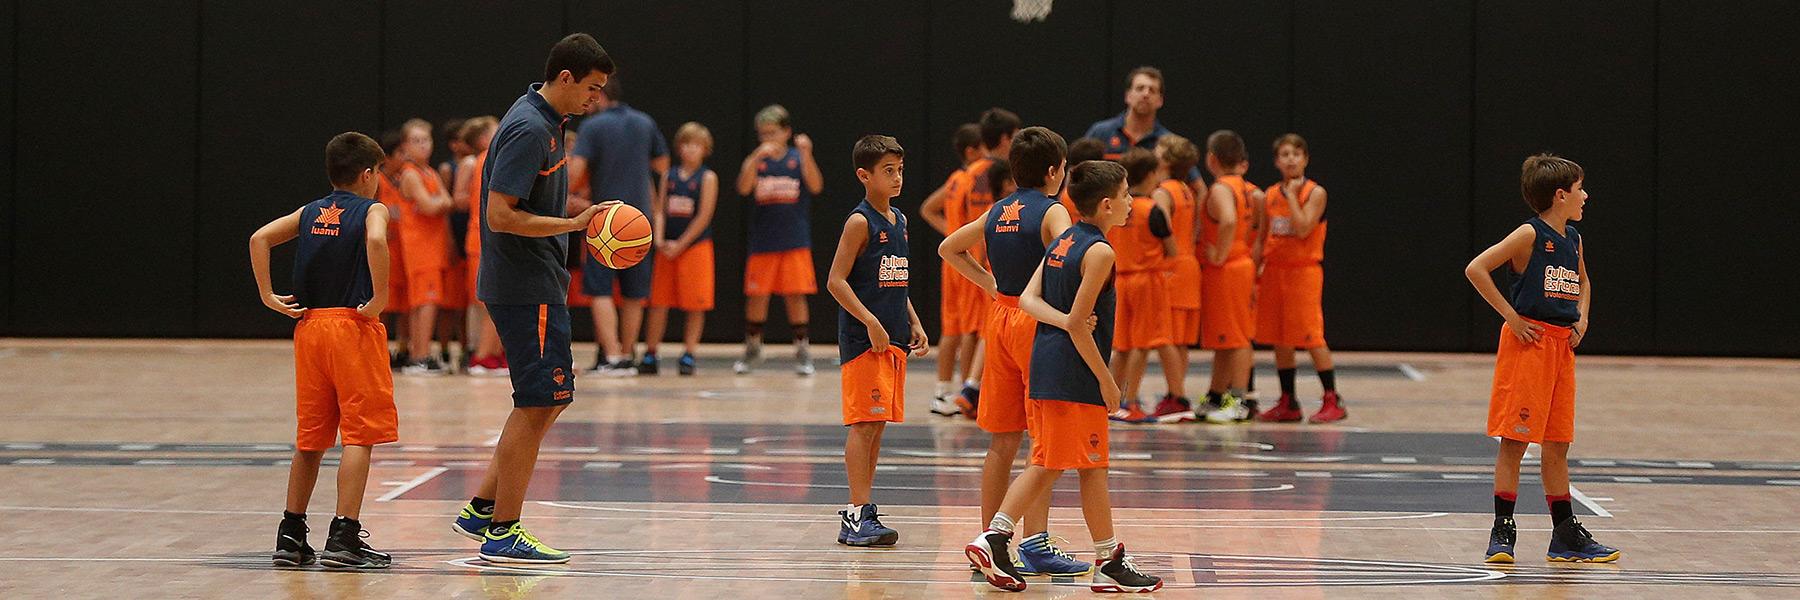 Plataforma de formación online para entrenadores y jugadores de L'Alqueria del Basket